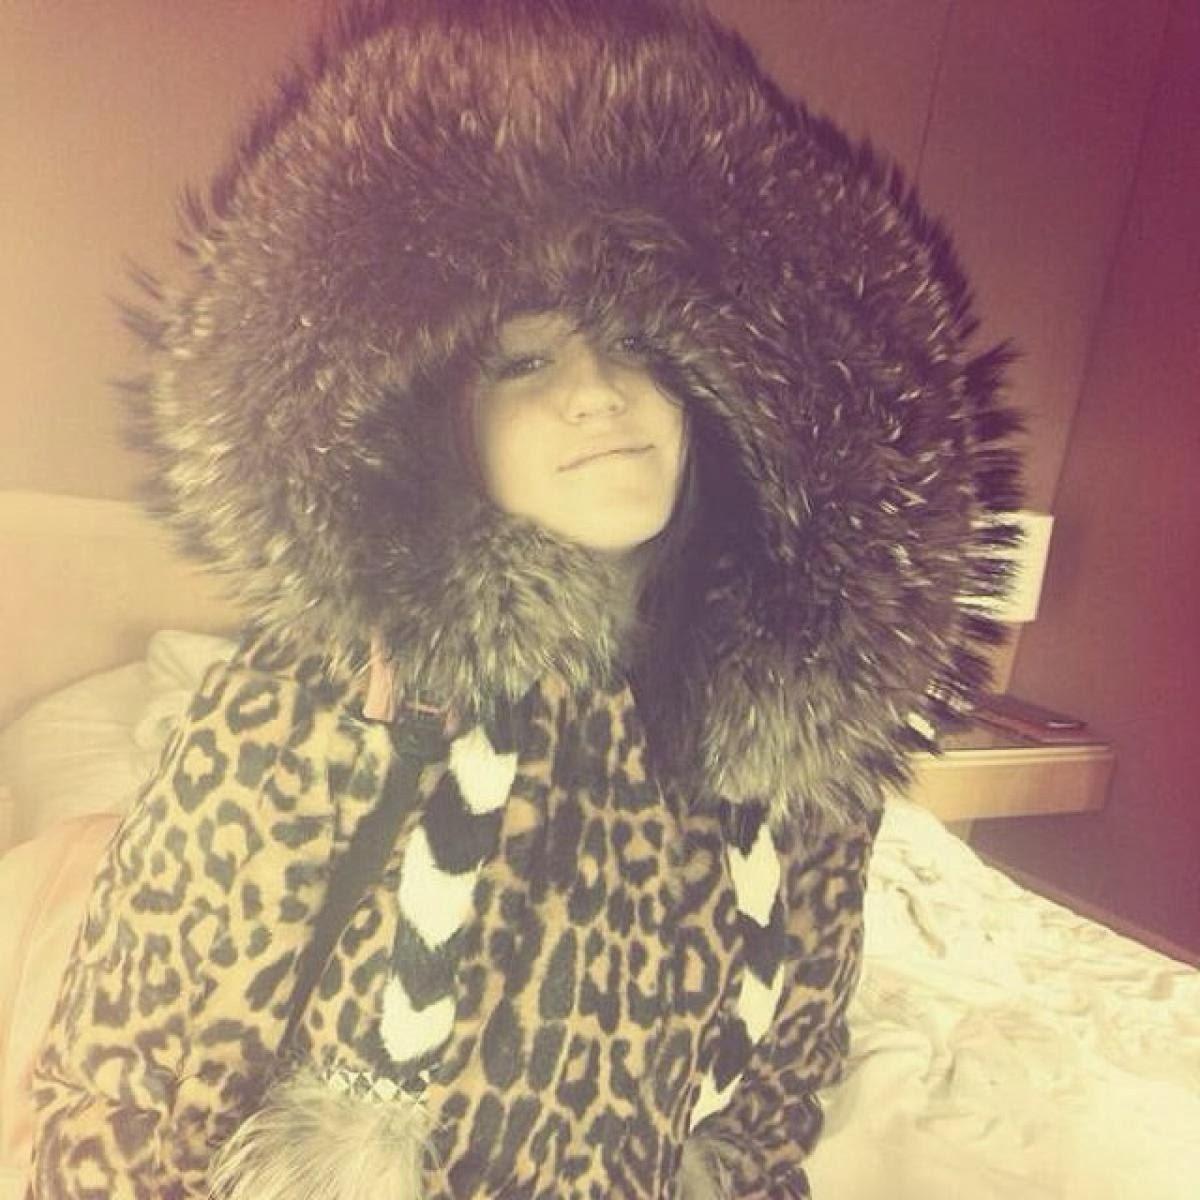 Miley Cyrus Covers up in a Massive Fur Hood Coat  e5d9fca5a0c6